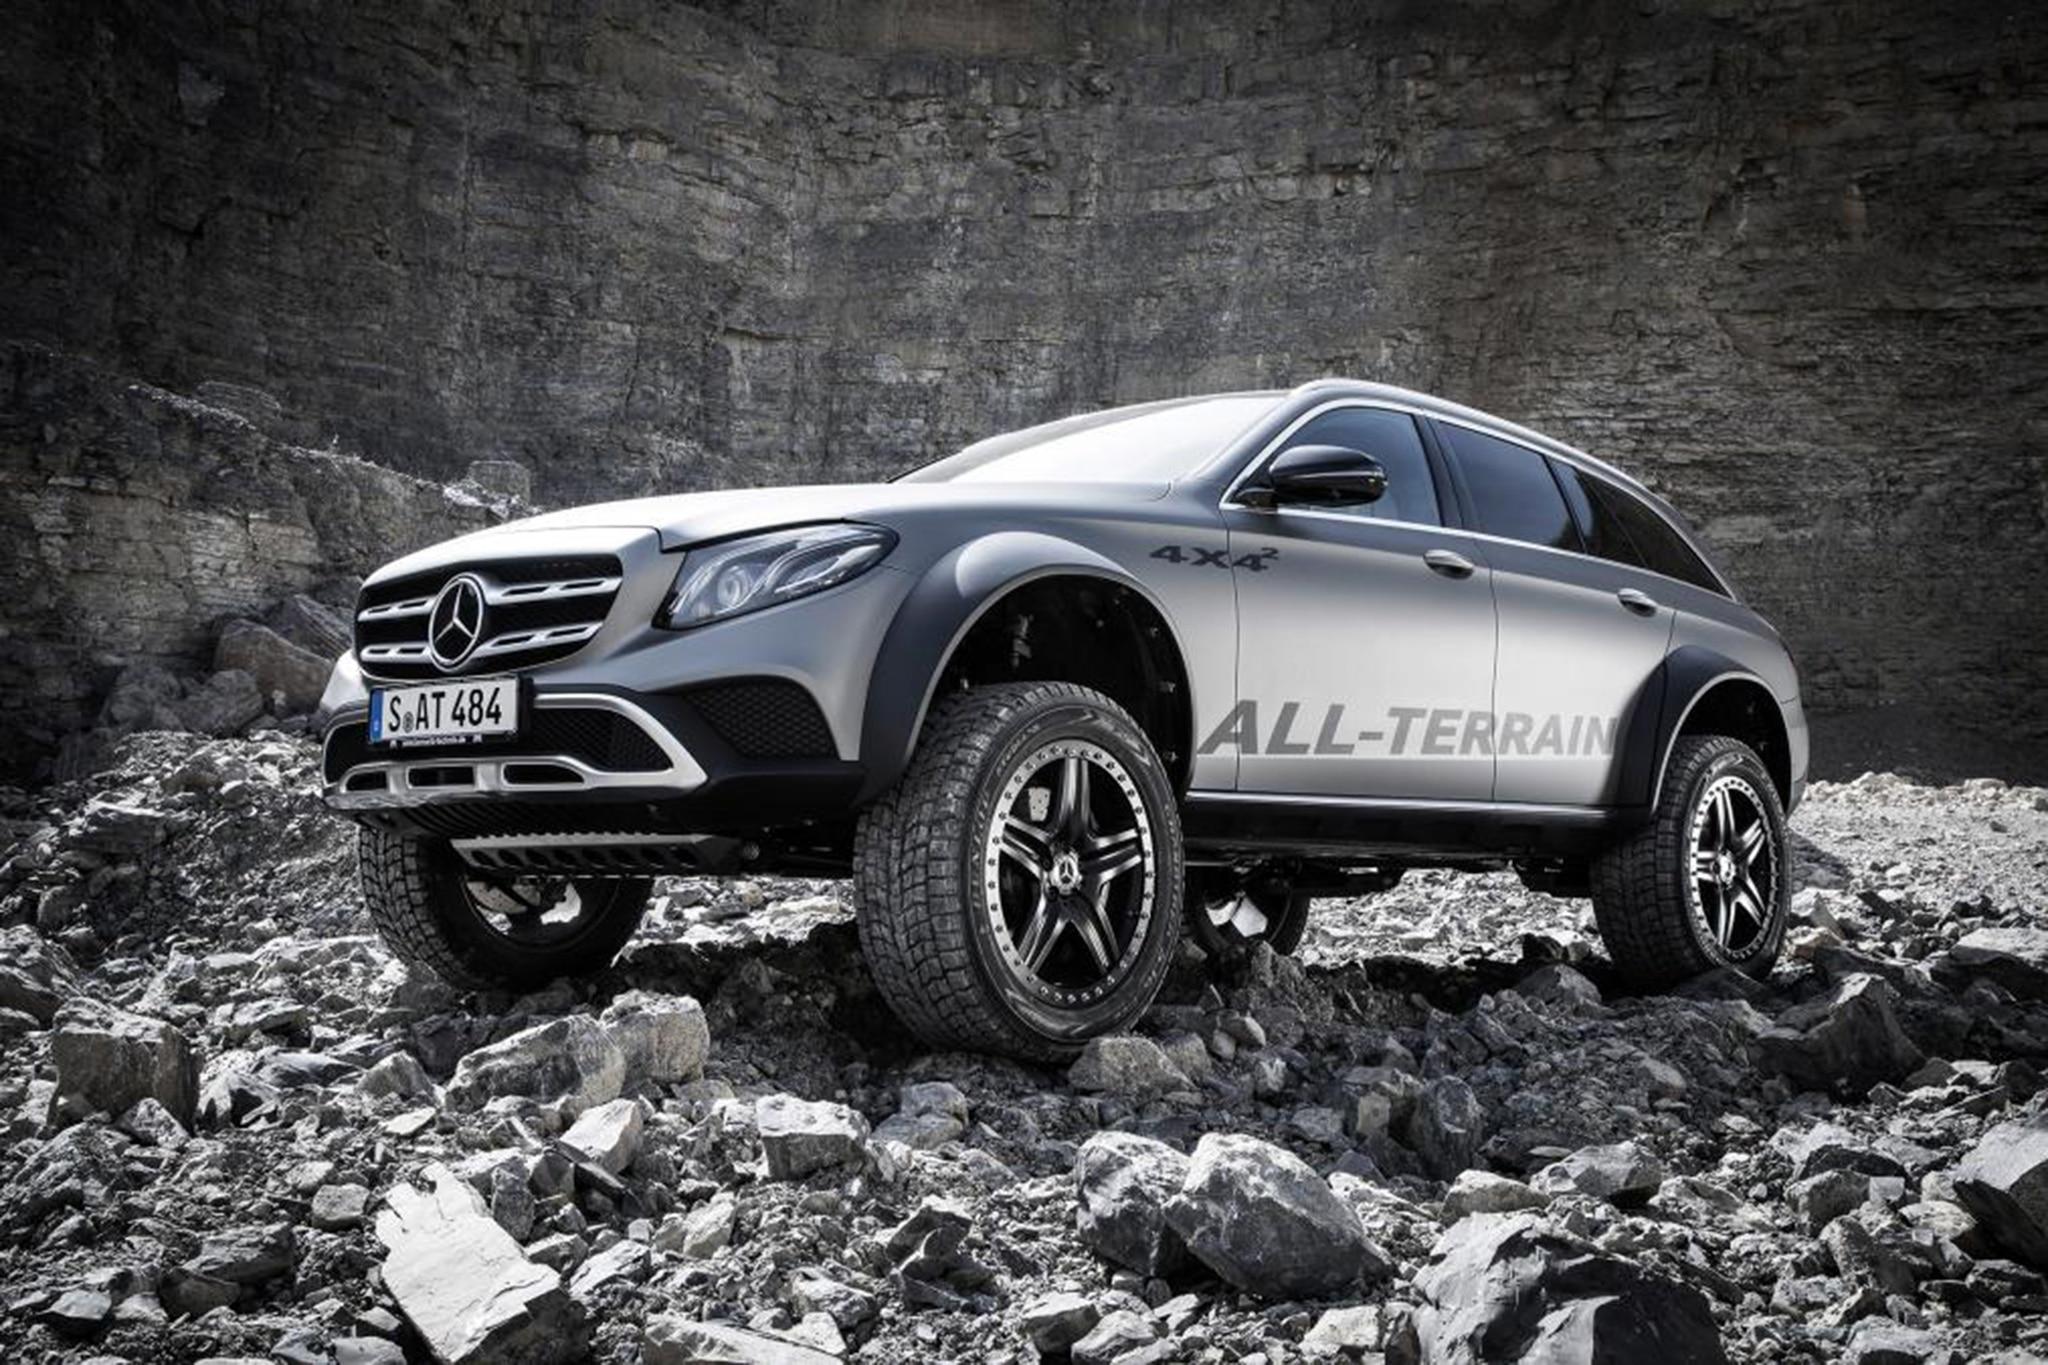 https://st.automobilemag.com/uploads/sites/11/2017/07/Mercedes-Benz-E-Class-All-Terrain-by-Jurgen-Eberle-Side.jpg